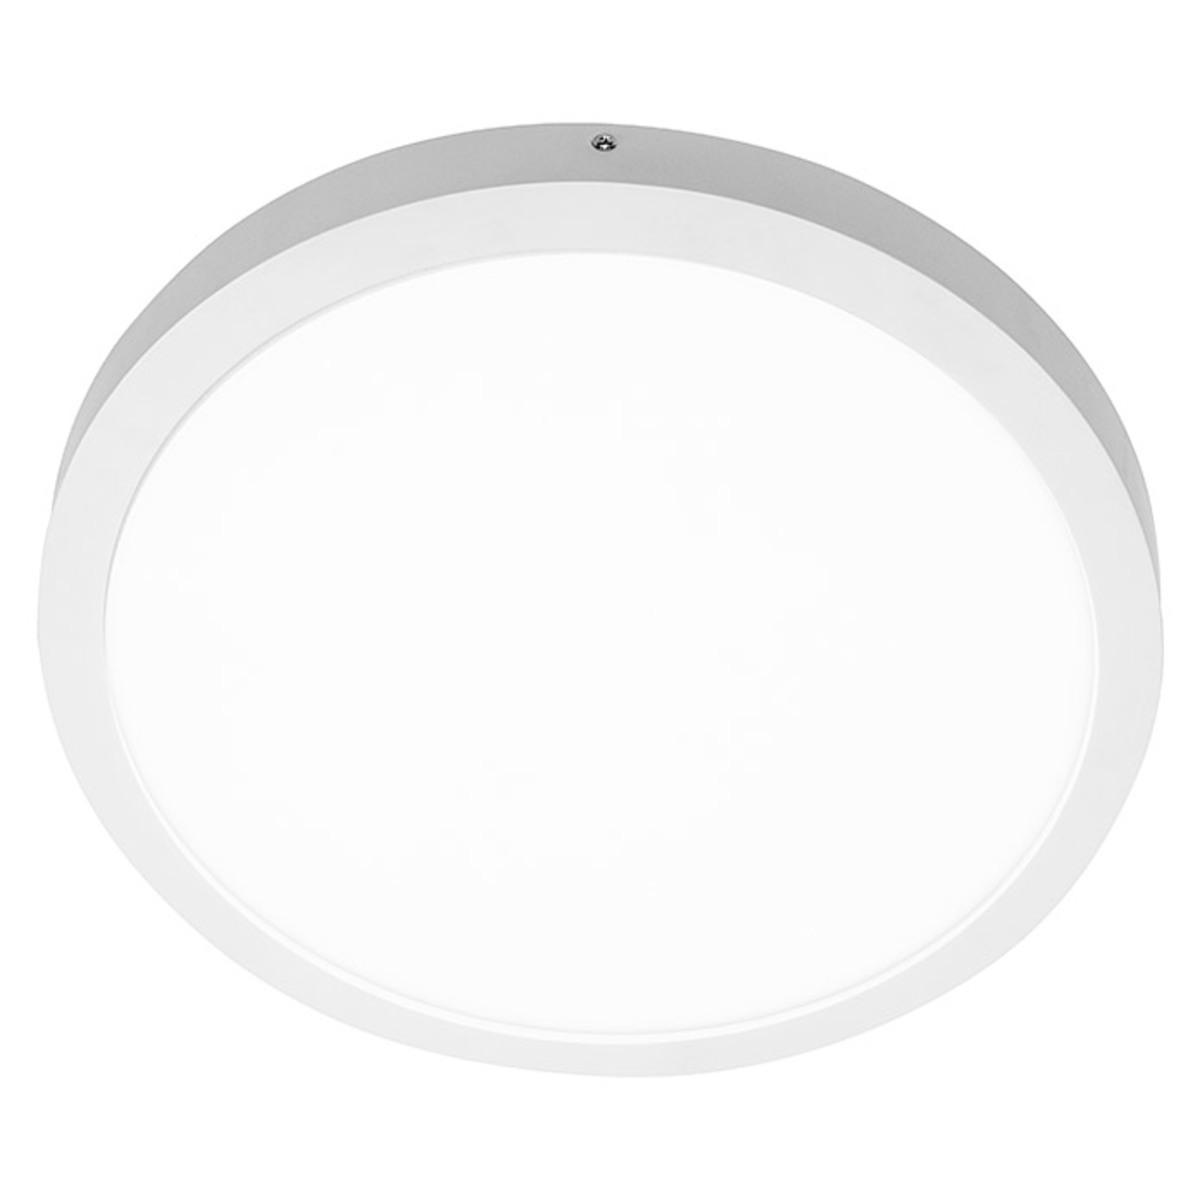 Bild 1 von Osram LED-Panel Planon